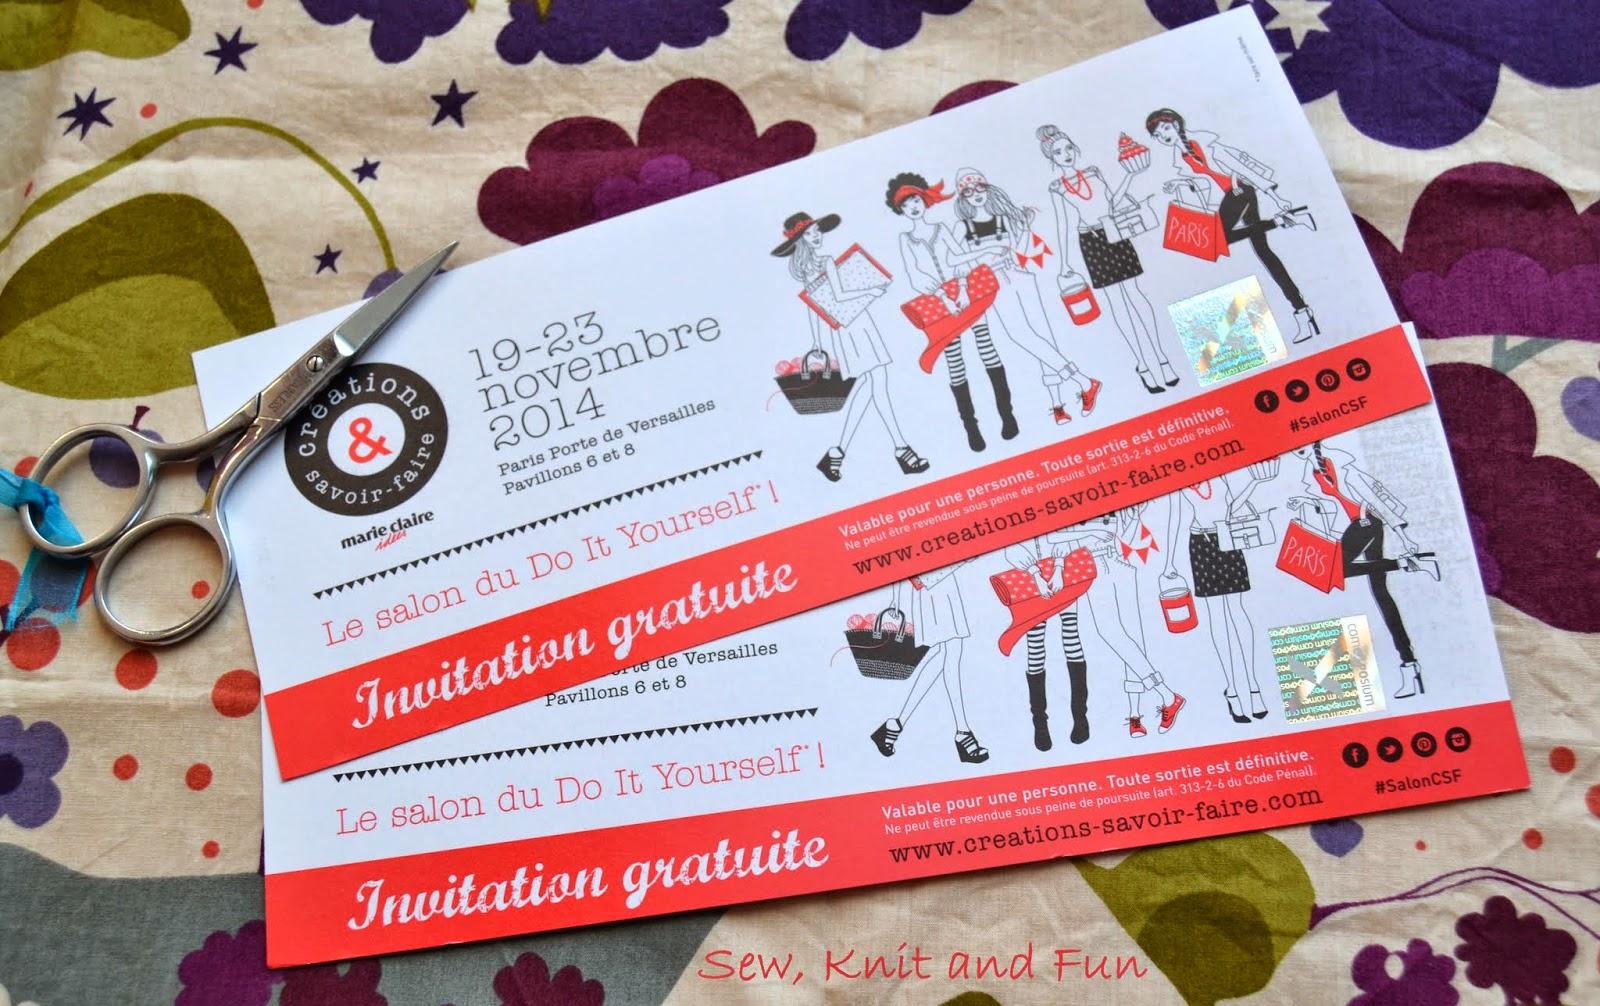 Sew knit and fun 2 invitations pour cr ations et savoir - Salon creation et savoir faire invitation ...